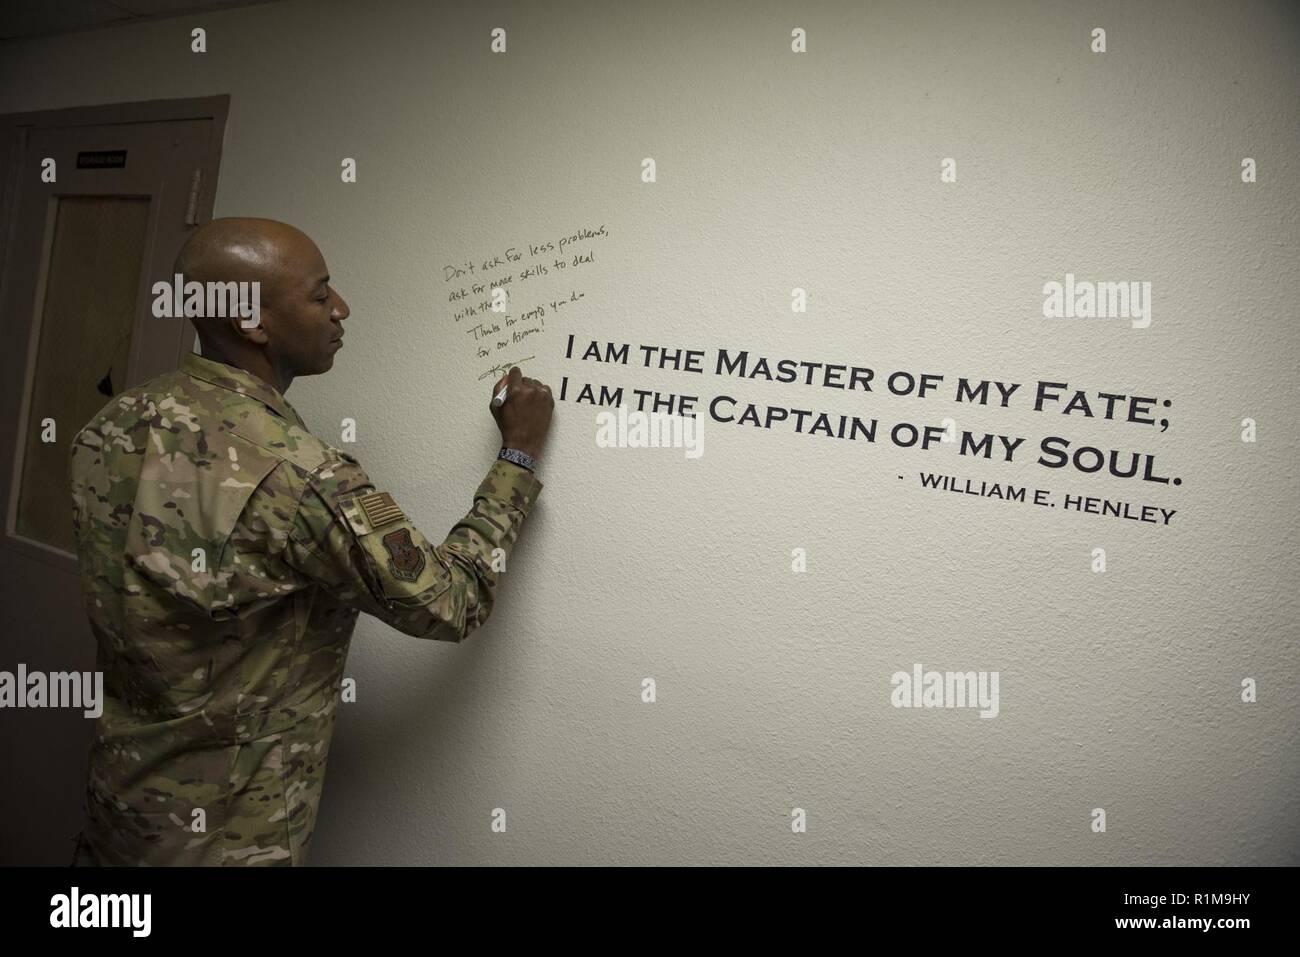 El Sargento Primero En Jefe De La Fuerza Aérea Kaleth O